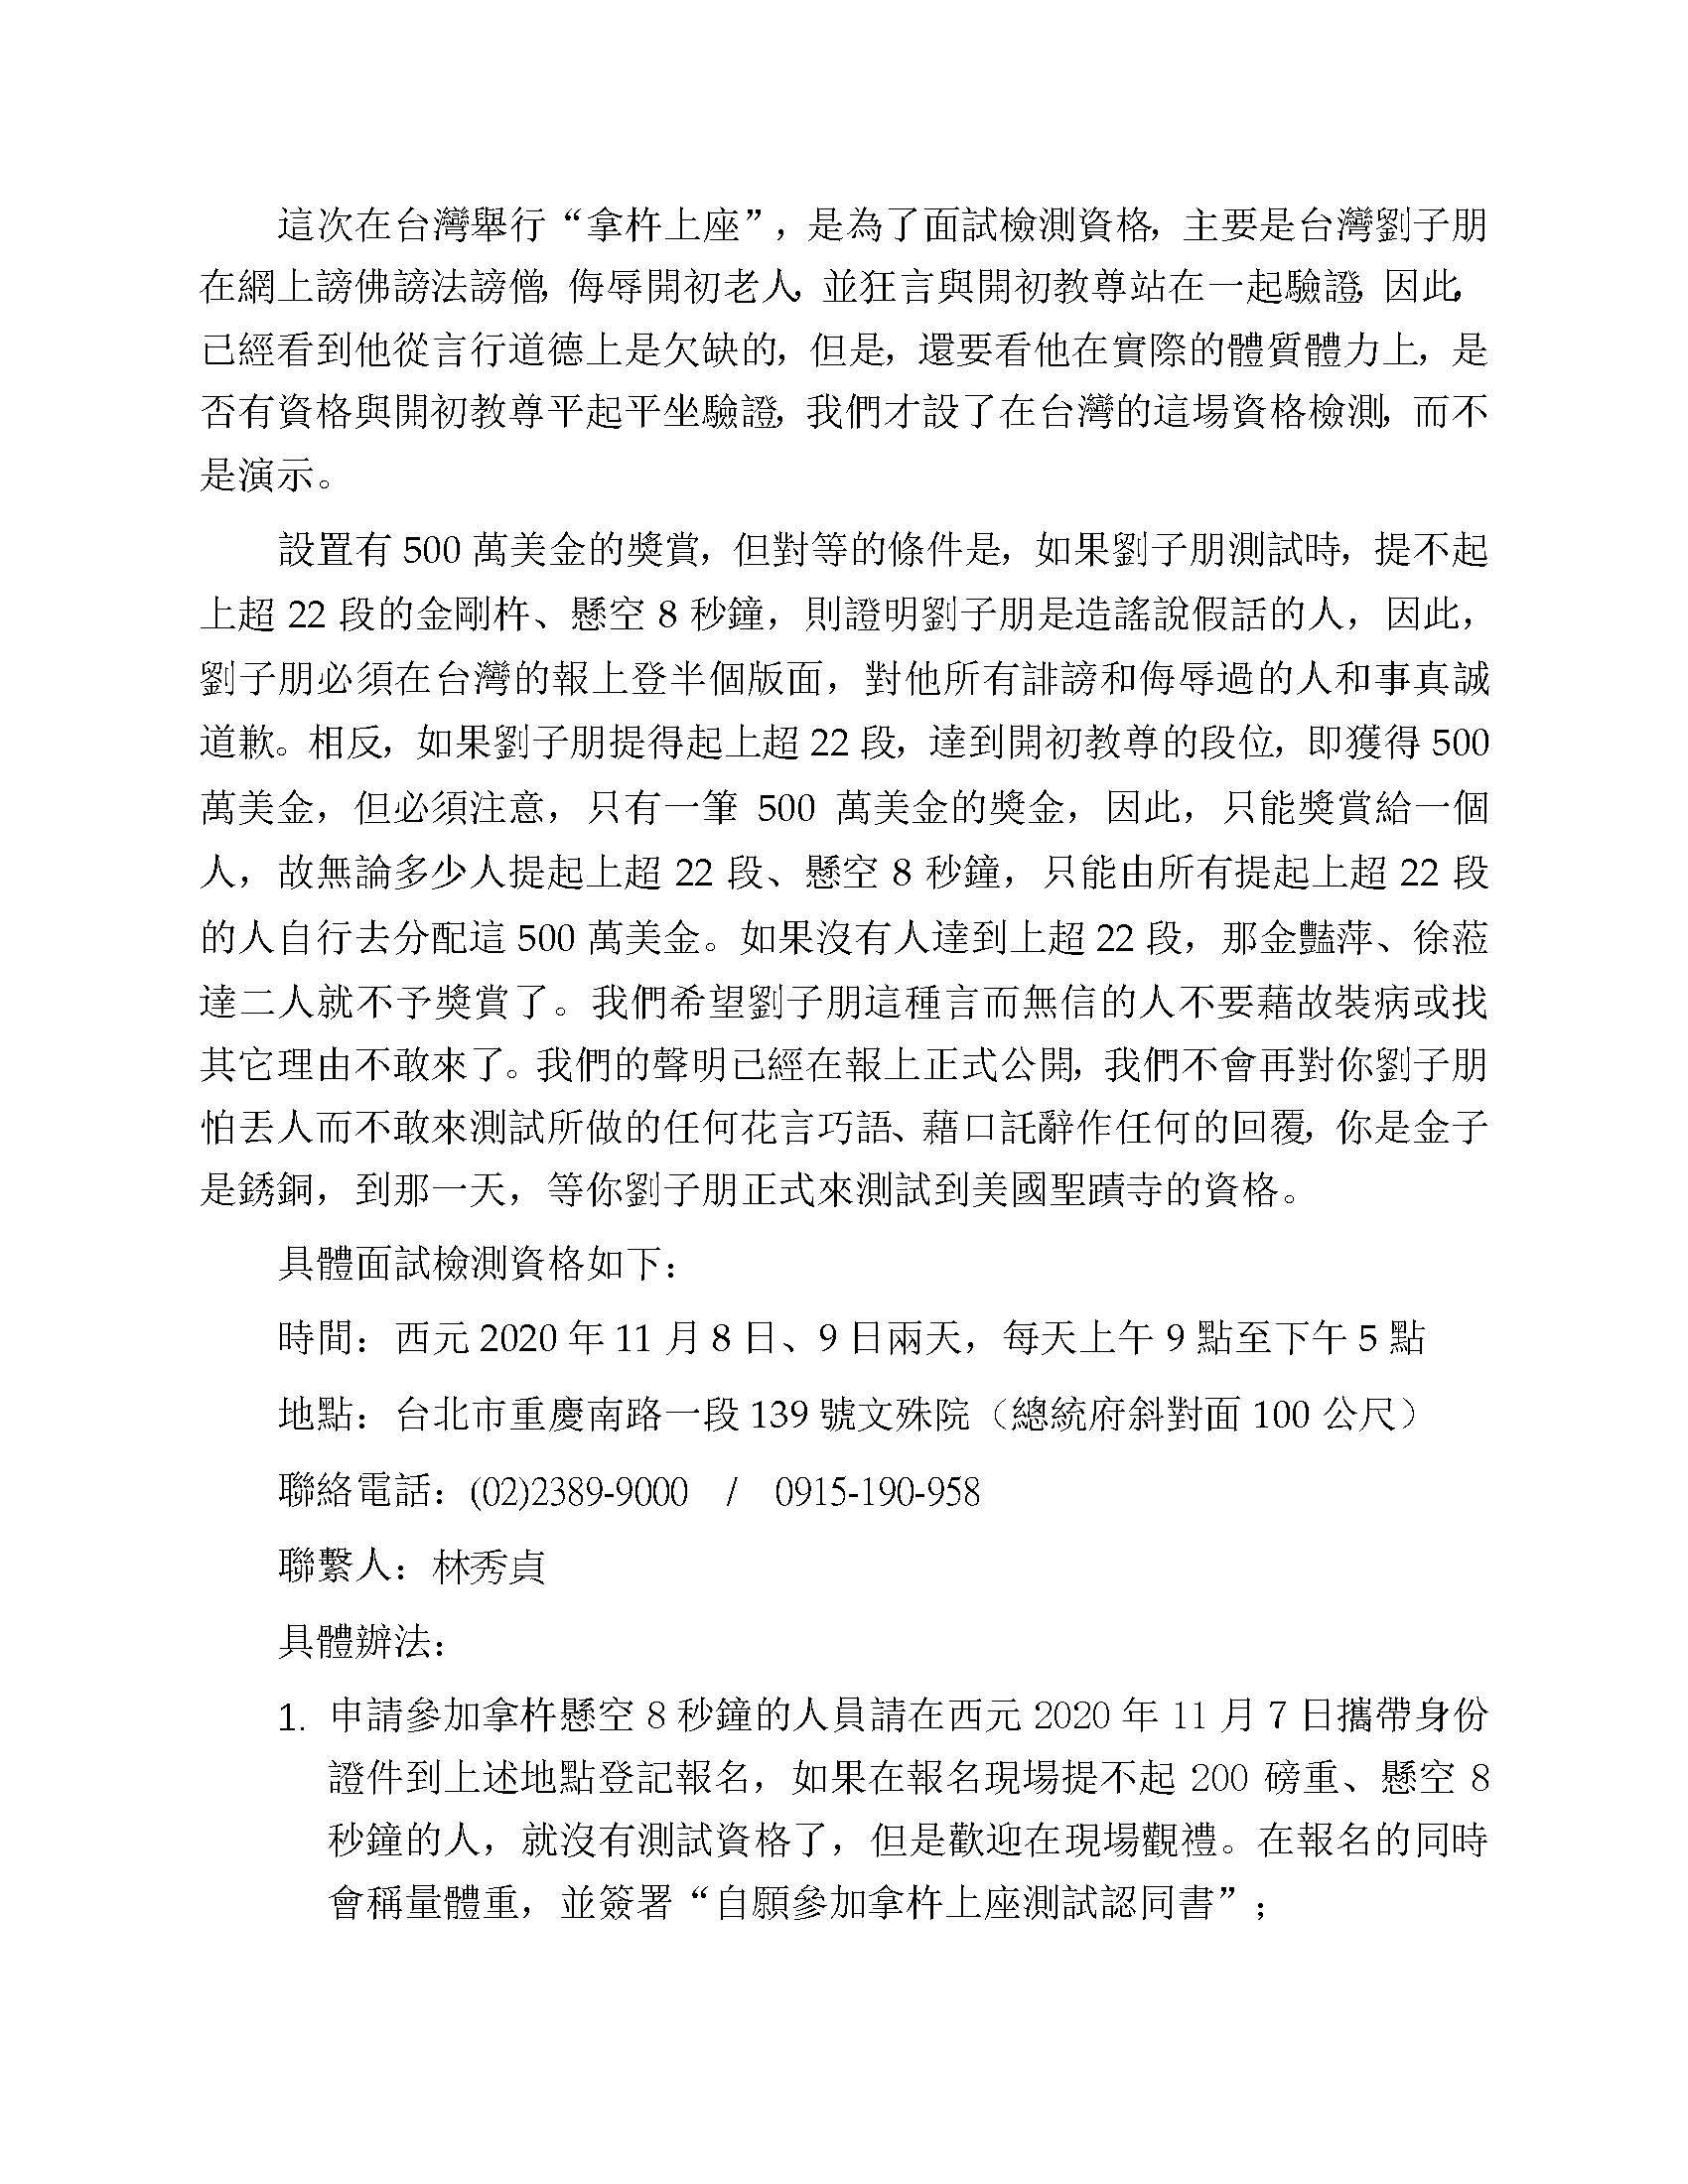 """世界佛教正心會舉辦""""拿杵上座""""測試公告_頁面_2"""